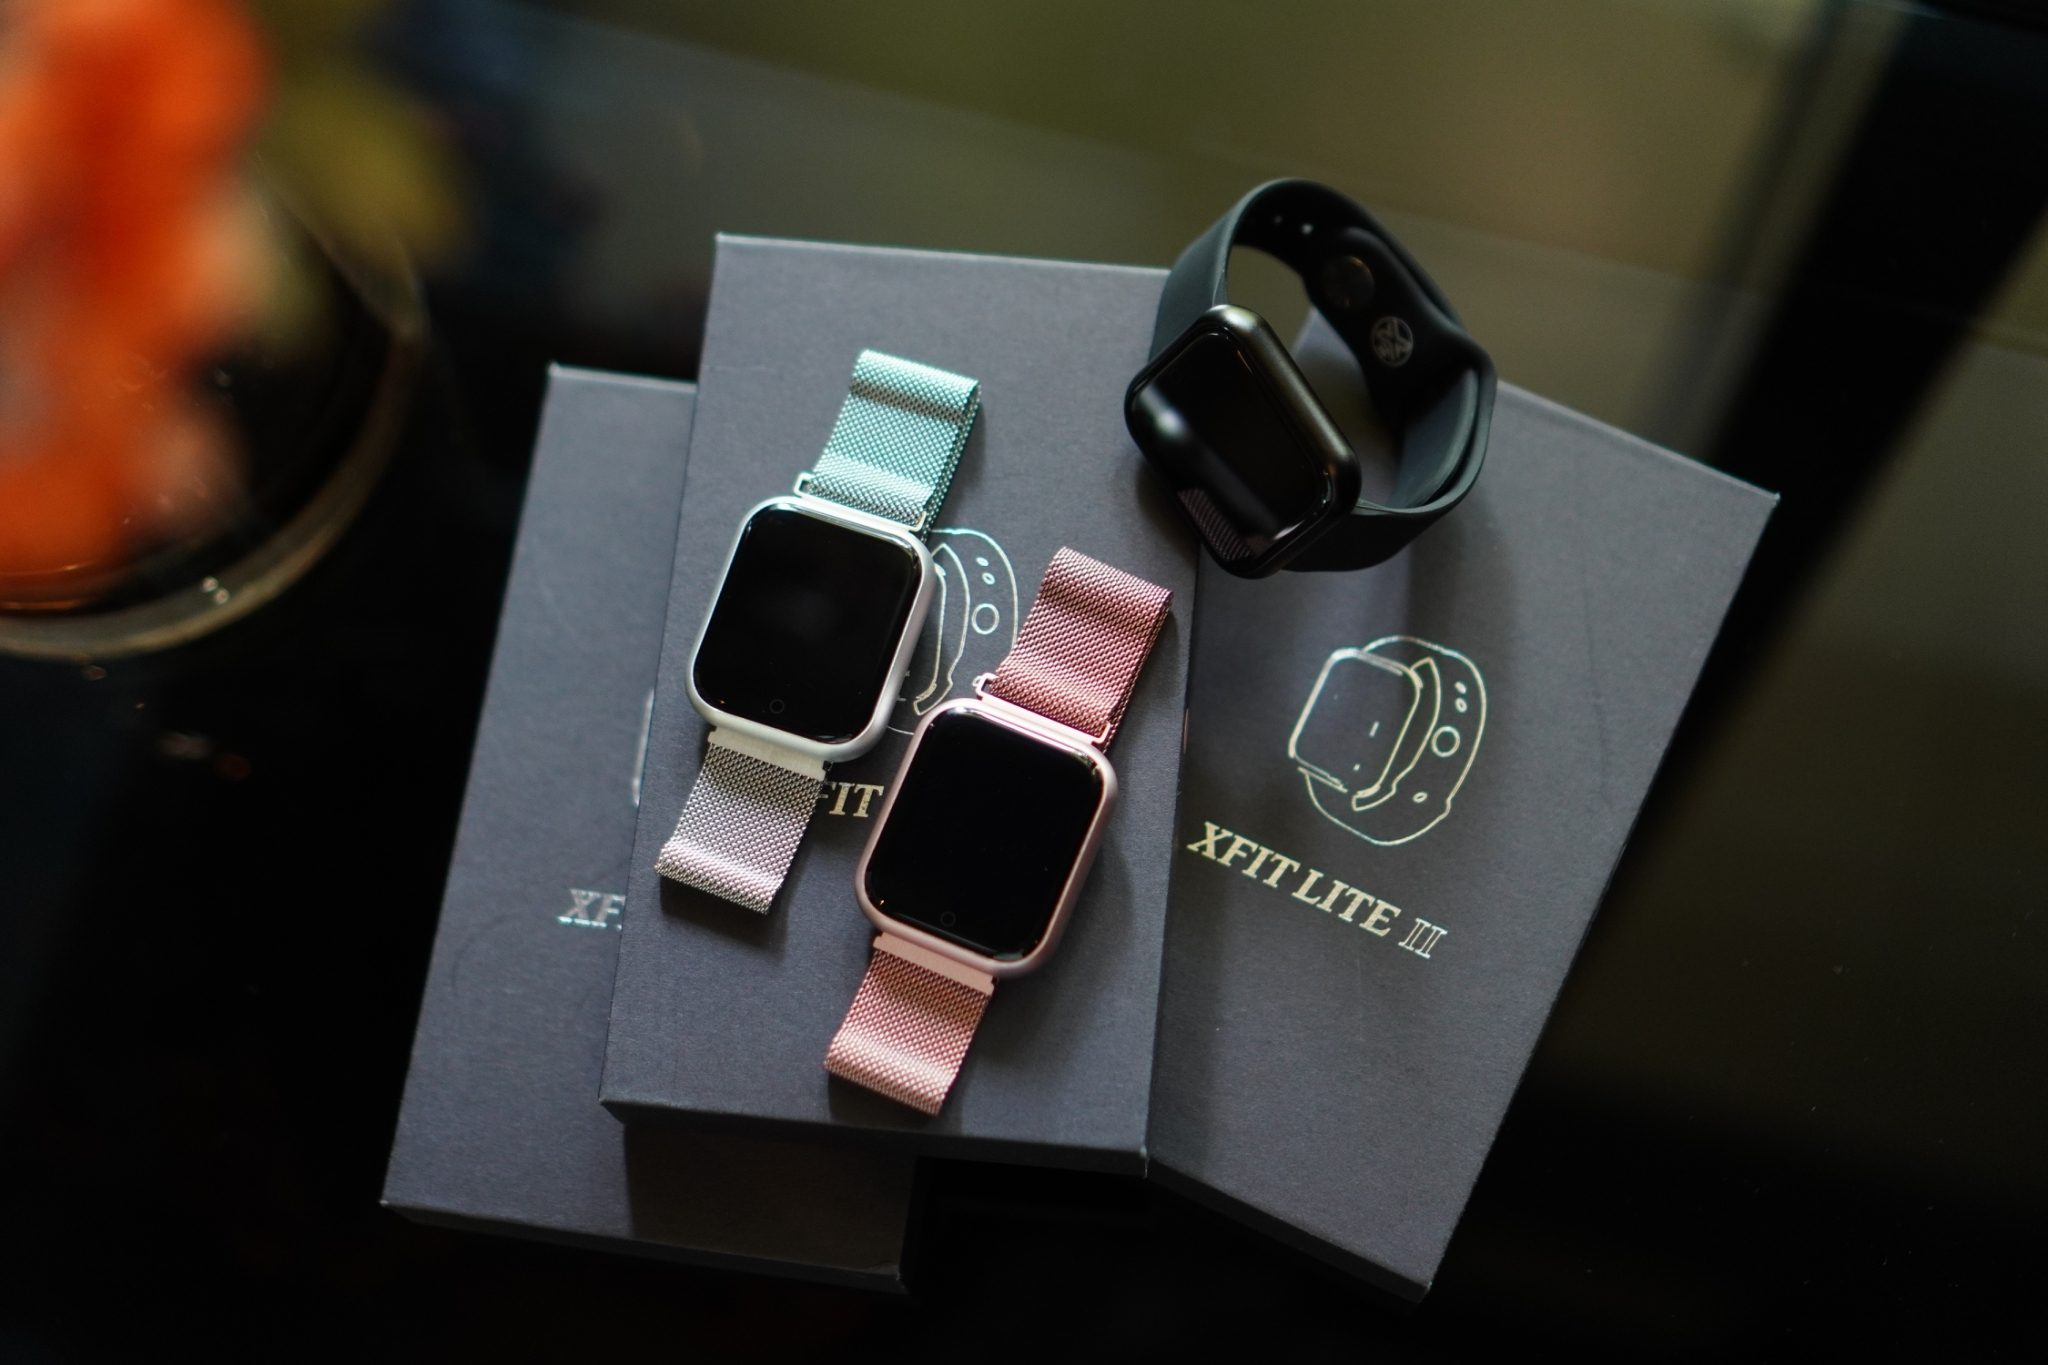 XFit รุ่น Lite II น้องใหม่ตระกูล XFIT Watch จุดสตาร์ทนาฬิกาอัจฉริยะ โดนใจสาวกอินแฟชั่นและรักสุขภาพตัวเองขนานแท้